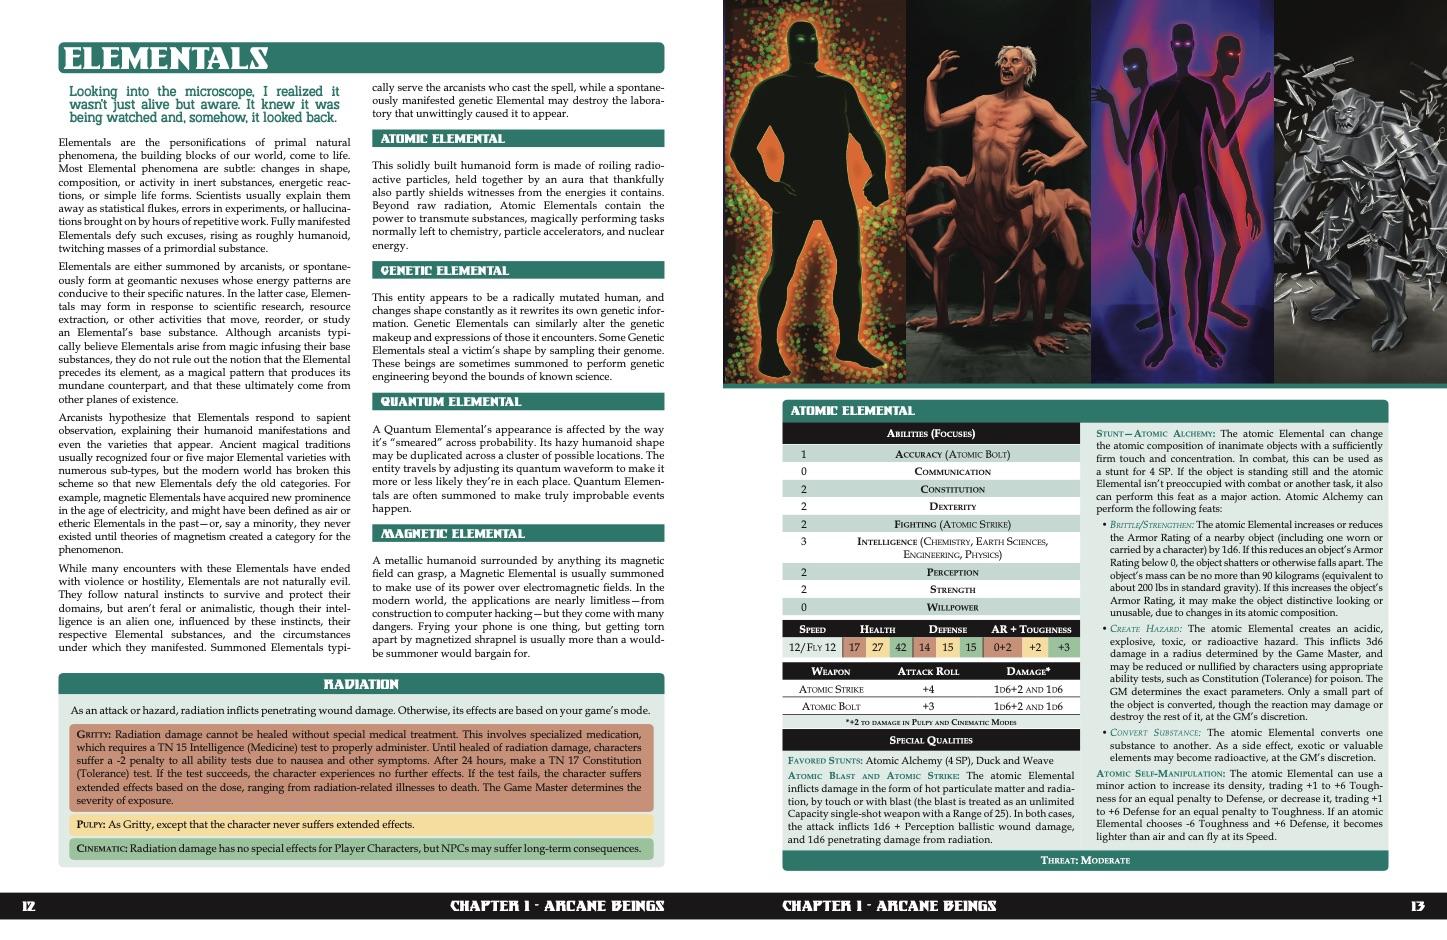 ModernAGEEnemiesAllies-12-13.jpg